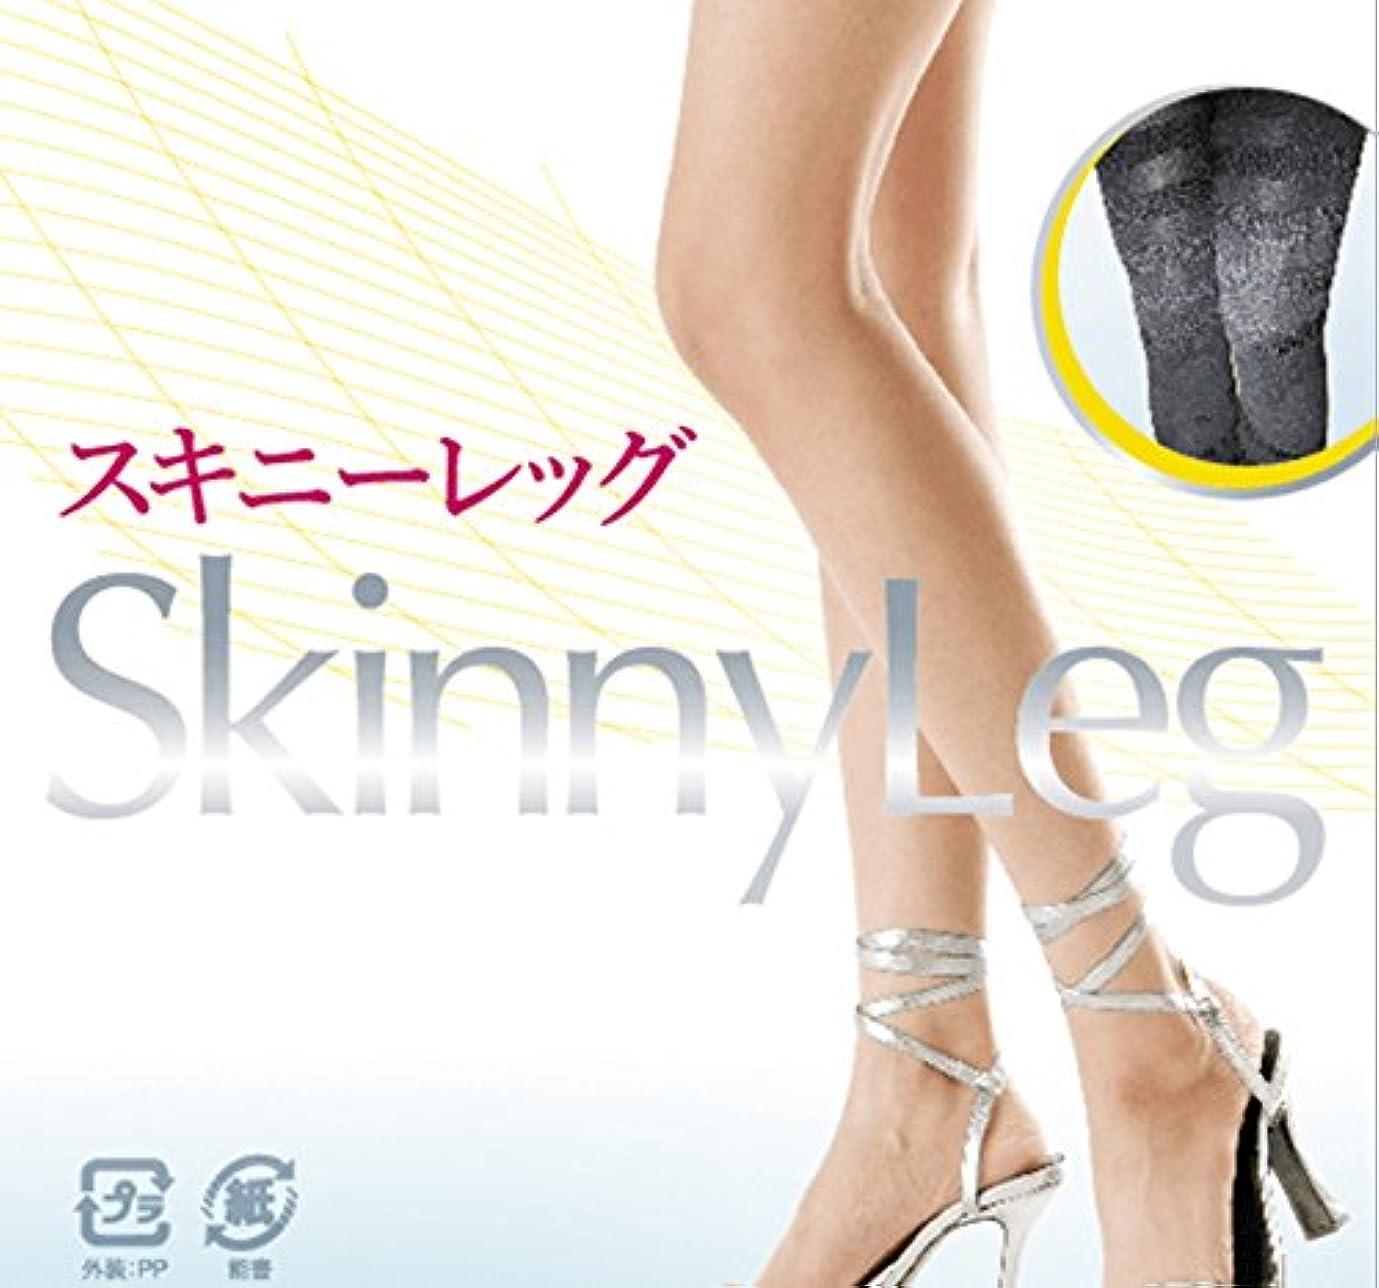 余韻故障中内訳【1つプレゼント!! 送料無料5個+1個】SkinnyLeg スキニーレッグ